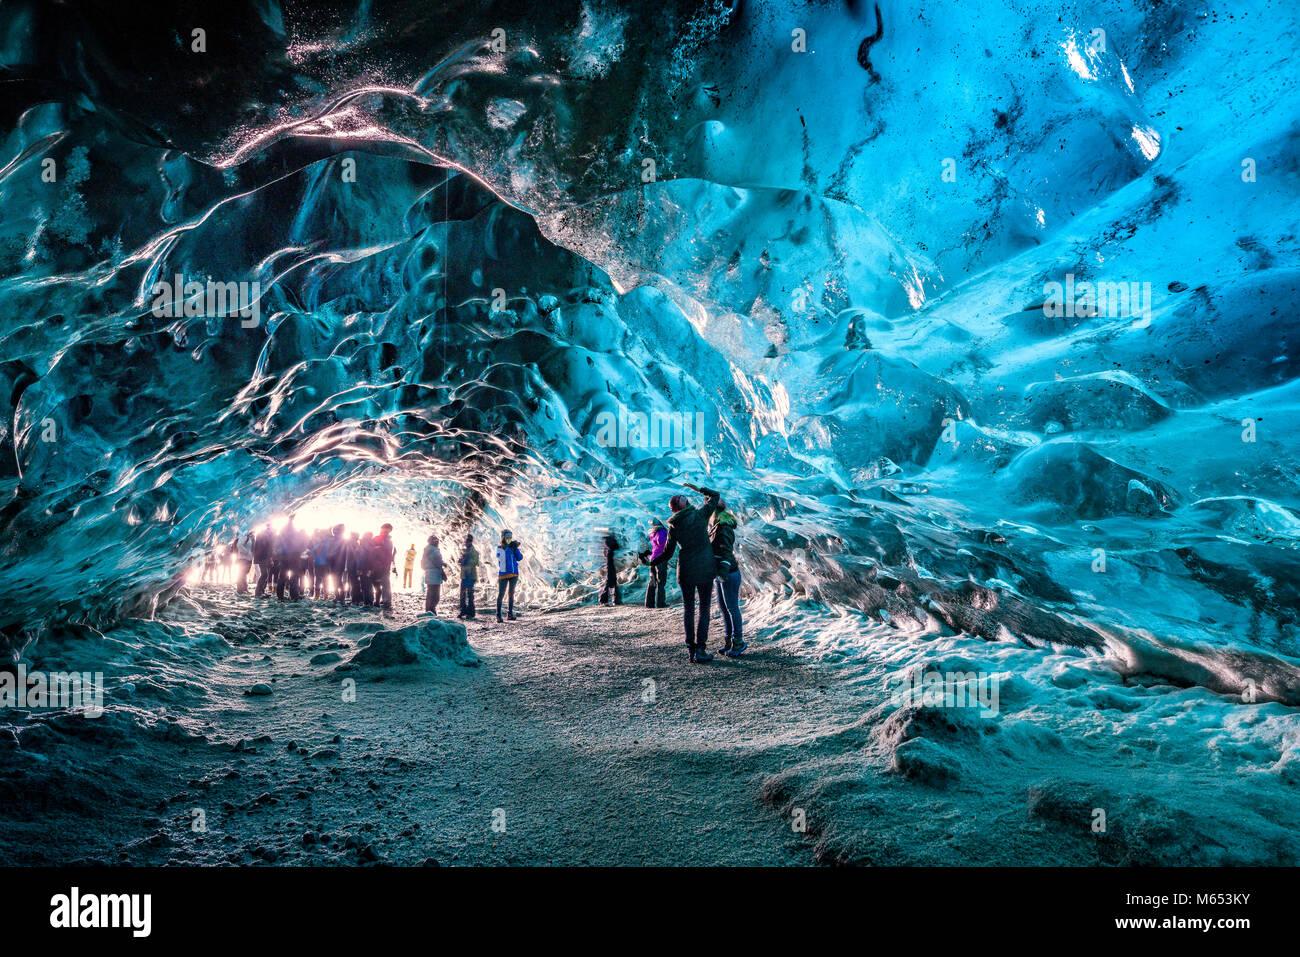 Touristen, die sich in der Crystal Cave, Breidamerkurjokull Gletscher, Island. Emerald Blue Ice und Asche ist Teil Stockbild